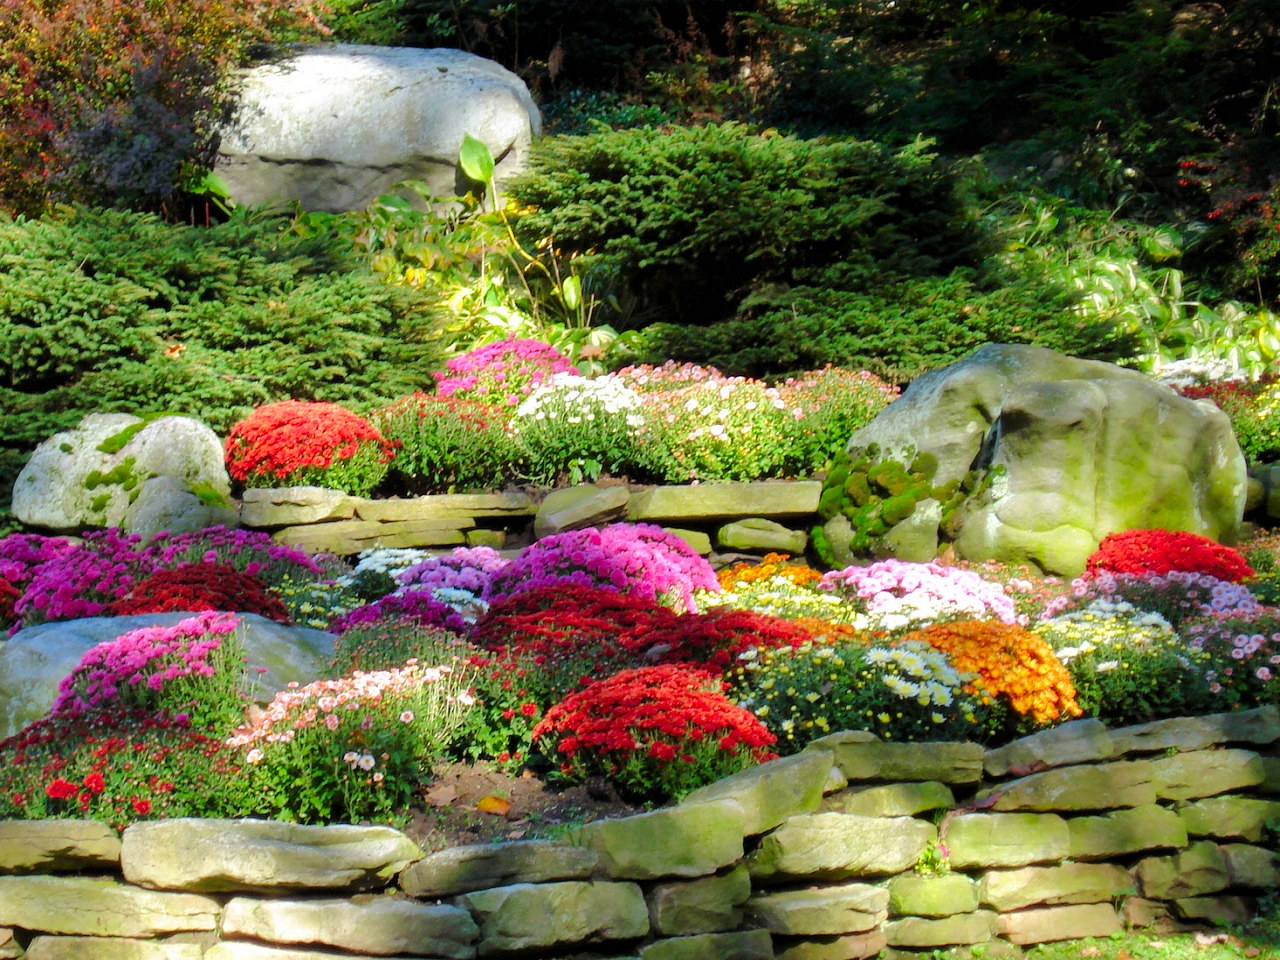 Mums In A Garden 1280x960 Download Hd Wallpaper Wallpapertip